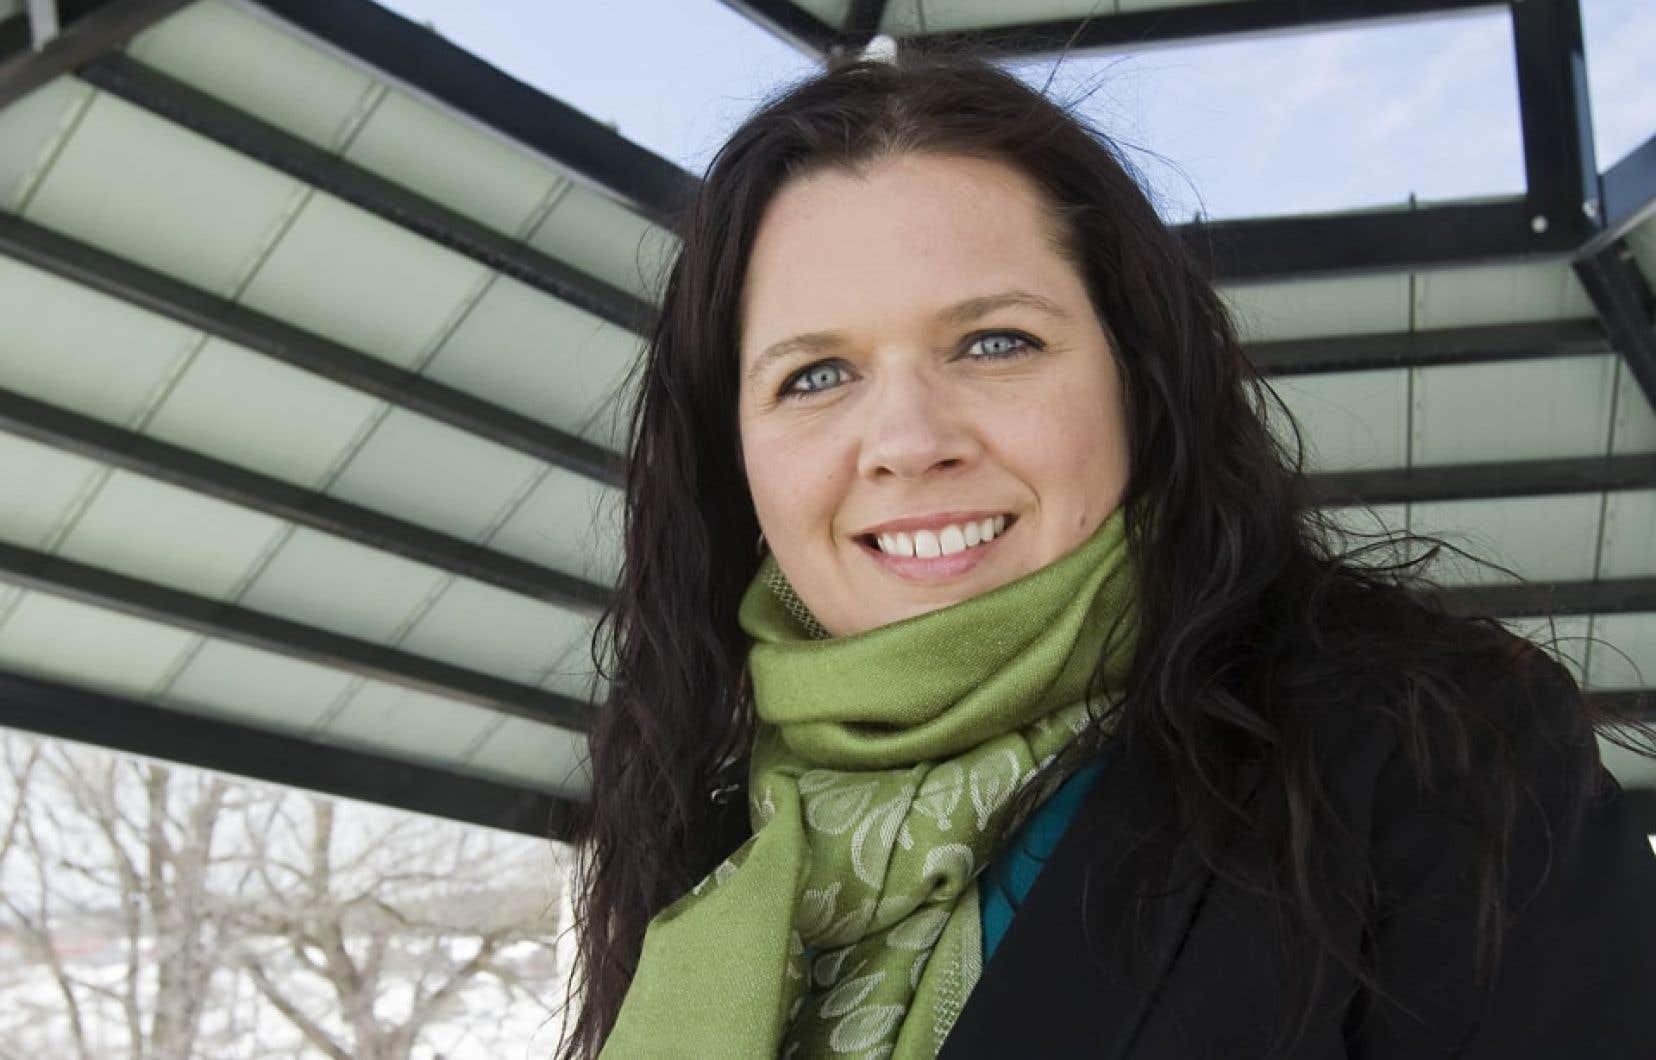 Caroline Simard est peut-être la seule au Québec à ne pas avoir été surprise de sa victoire. «Je ressentais un mécontentement, une frustration [dans la circonscription]. Il y avait vraiment un découragement qui mefaisait dire que c'était possible.»